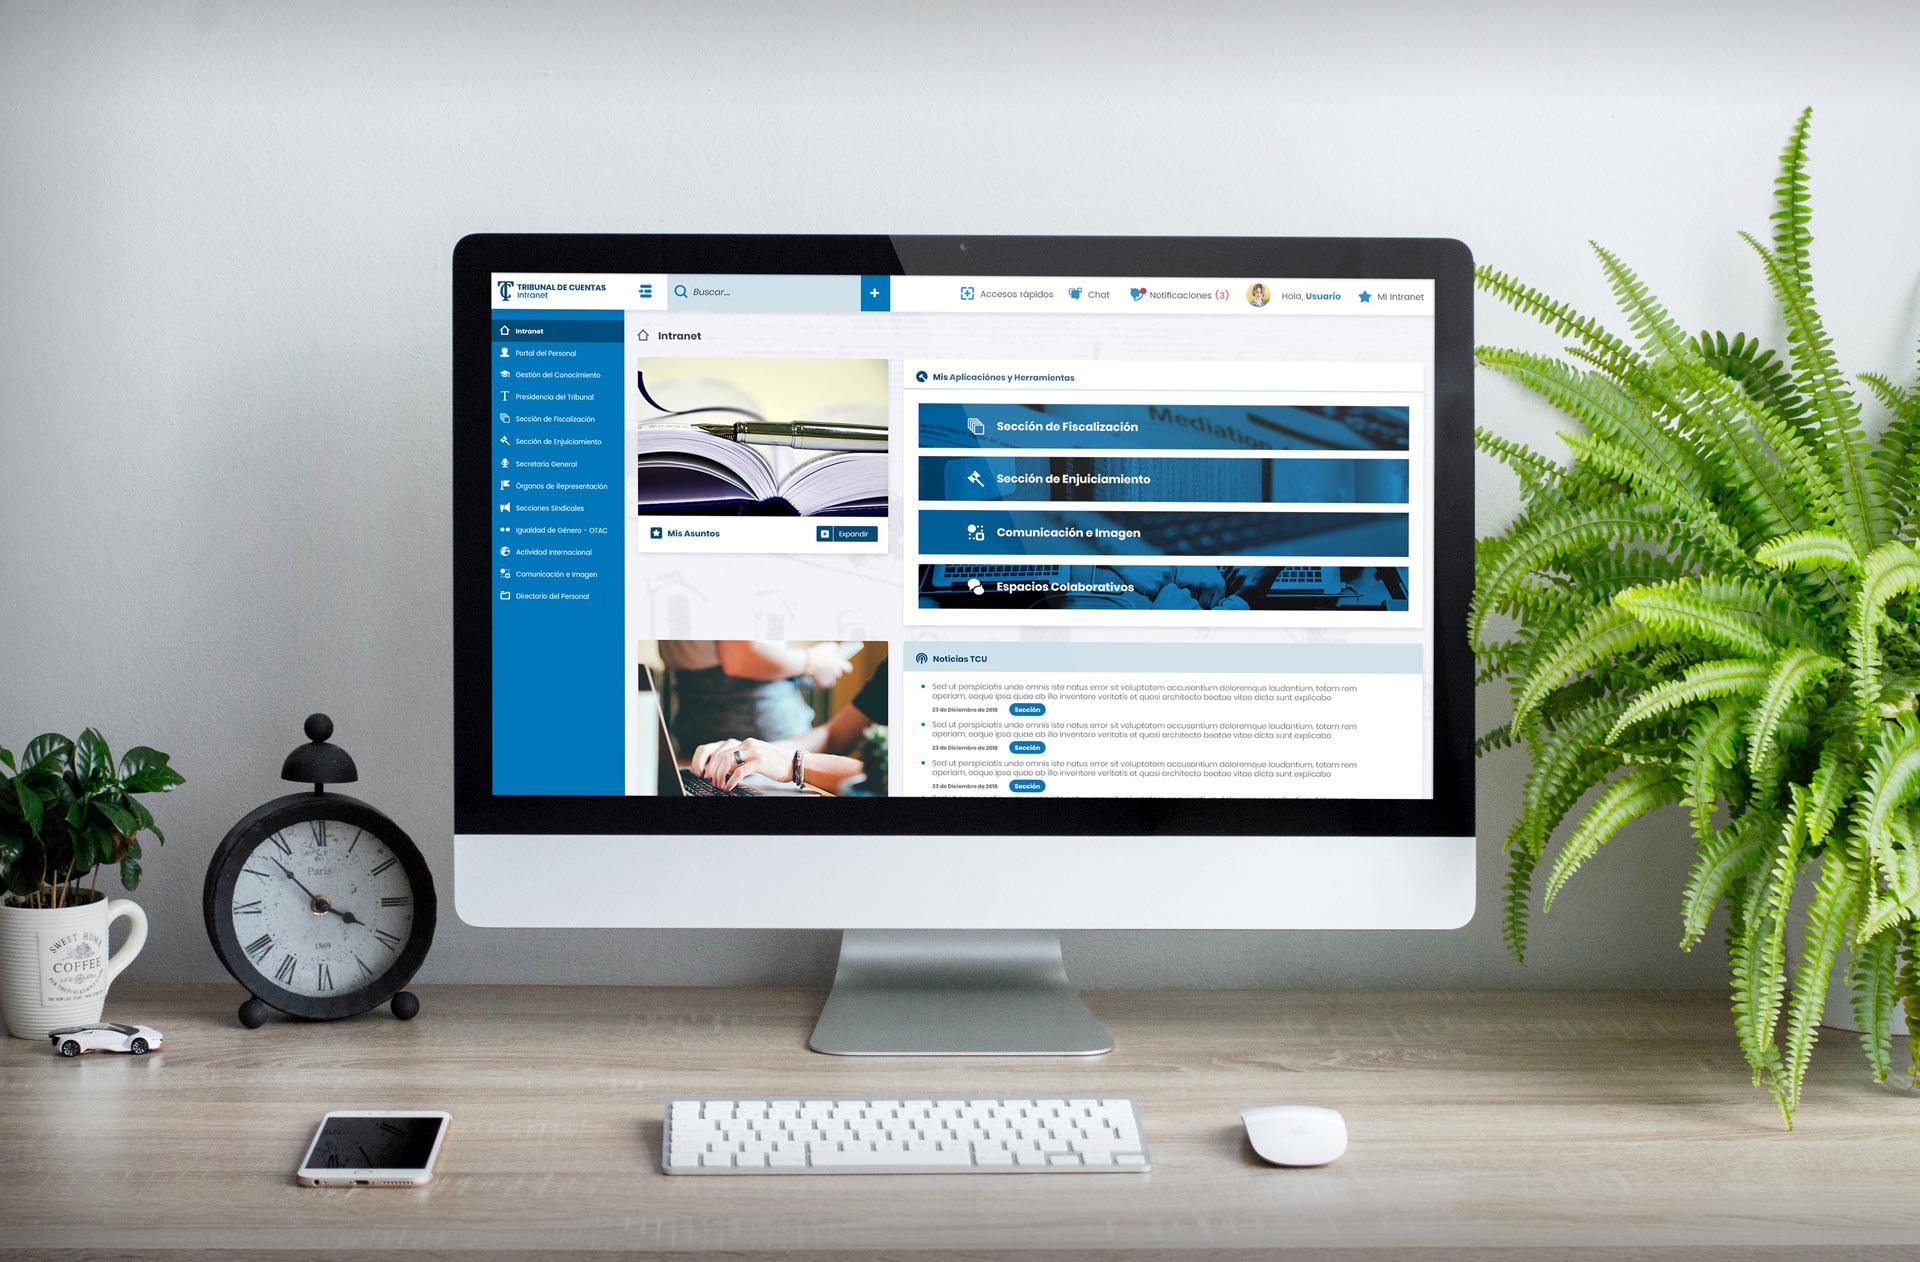 Home simplificada (PC) (Colapsada) - Diseño web - Intranet Tribunal de Cuentas de Madrid